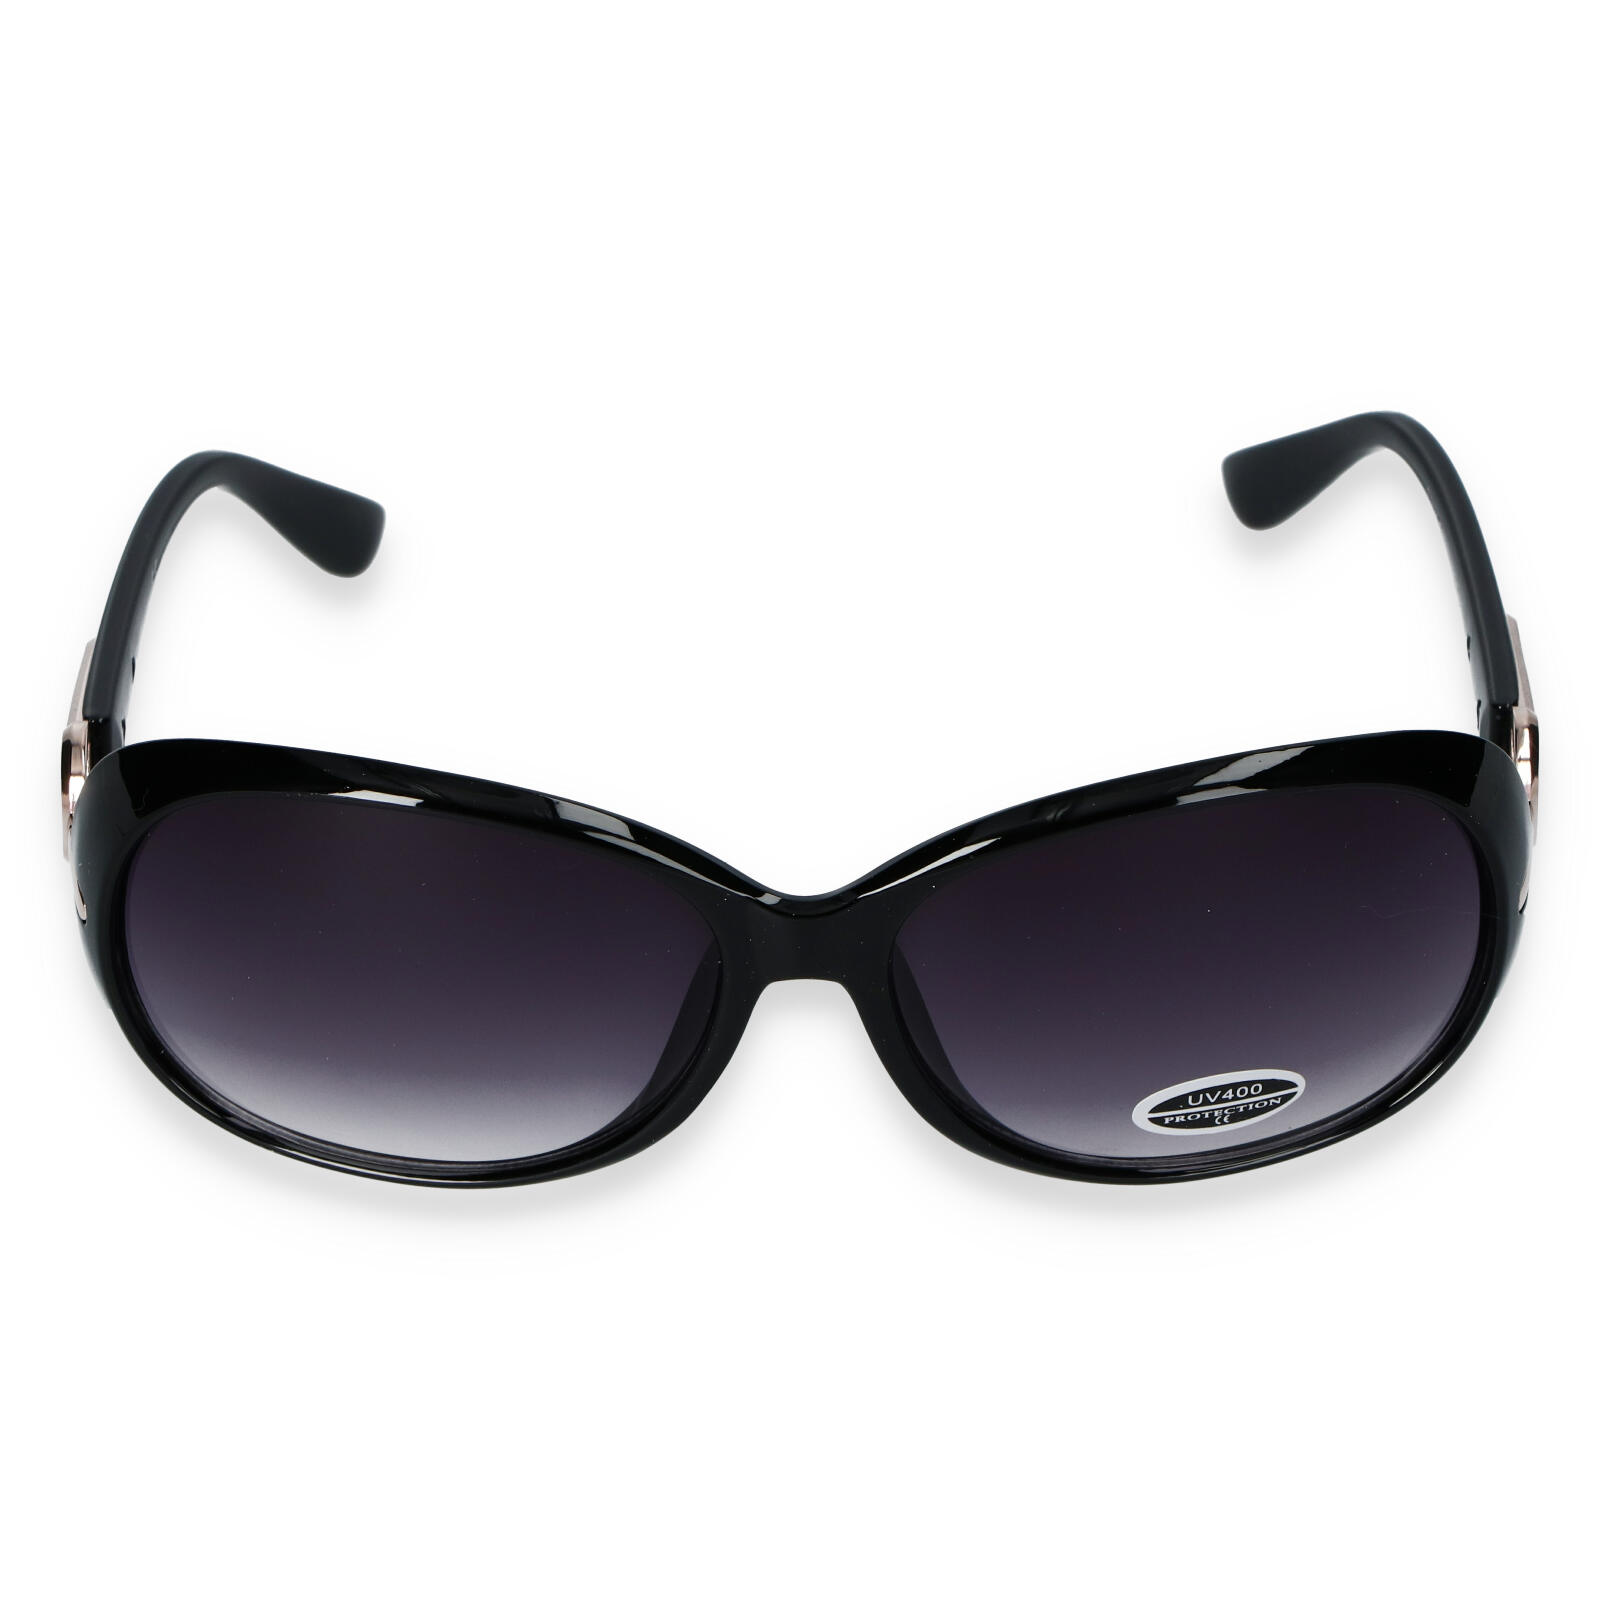 Dámské sluneční brýle černé - S4211